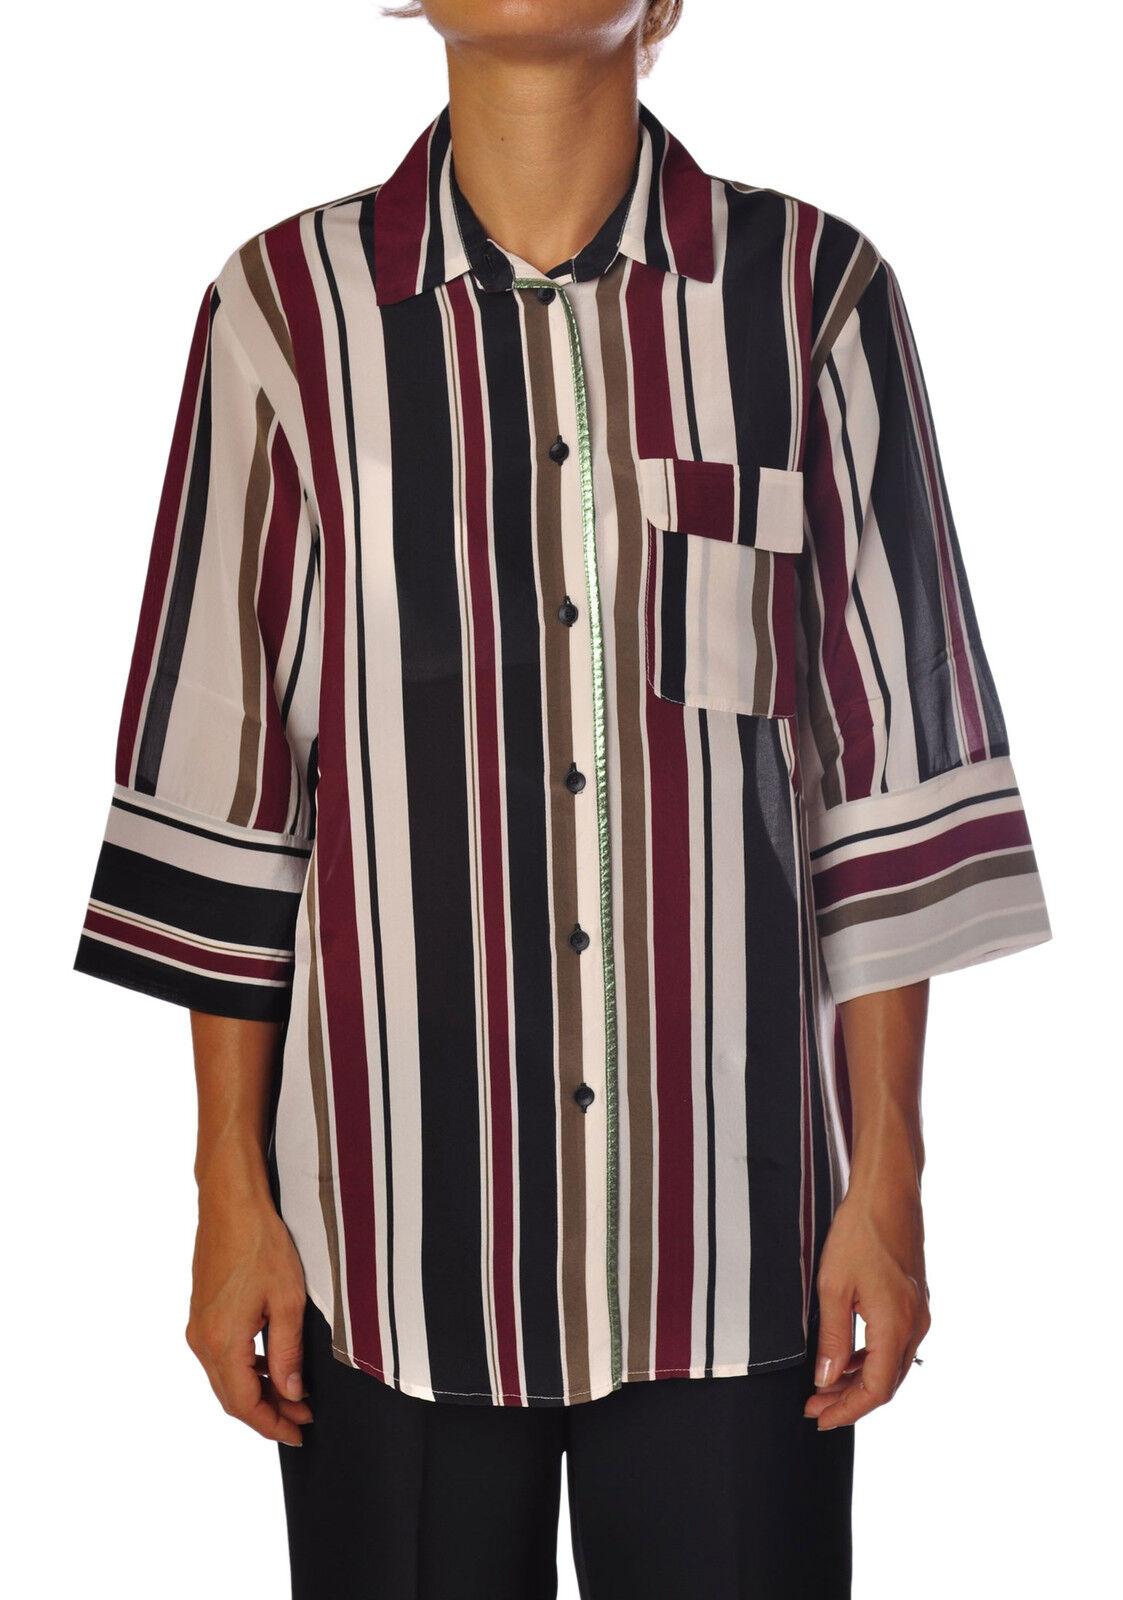 8pm  -  Shirt - Female - Weiß - 103824A184656